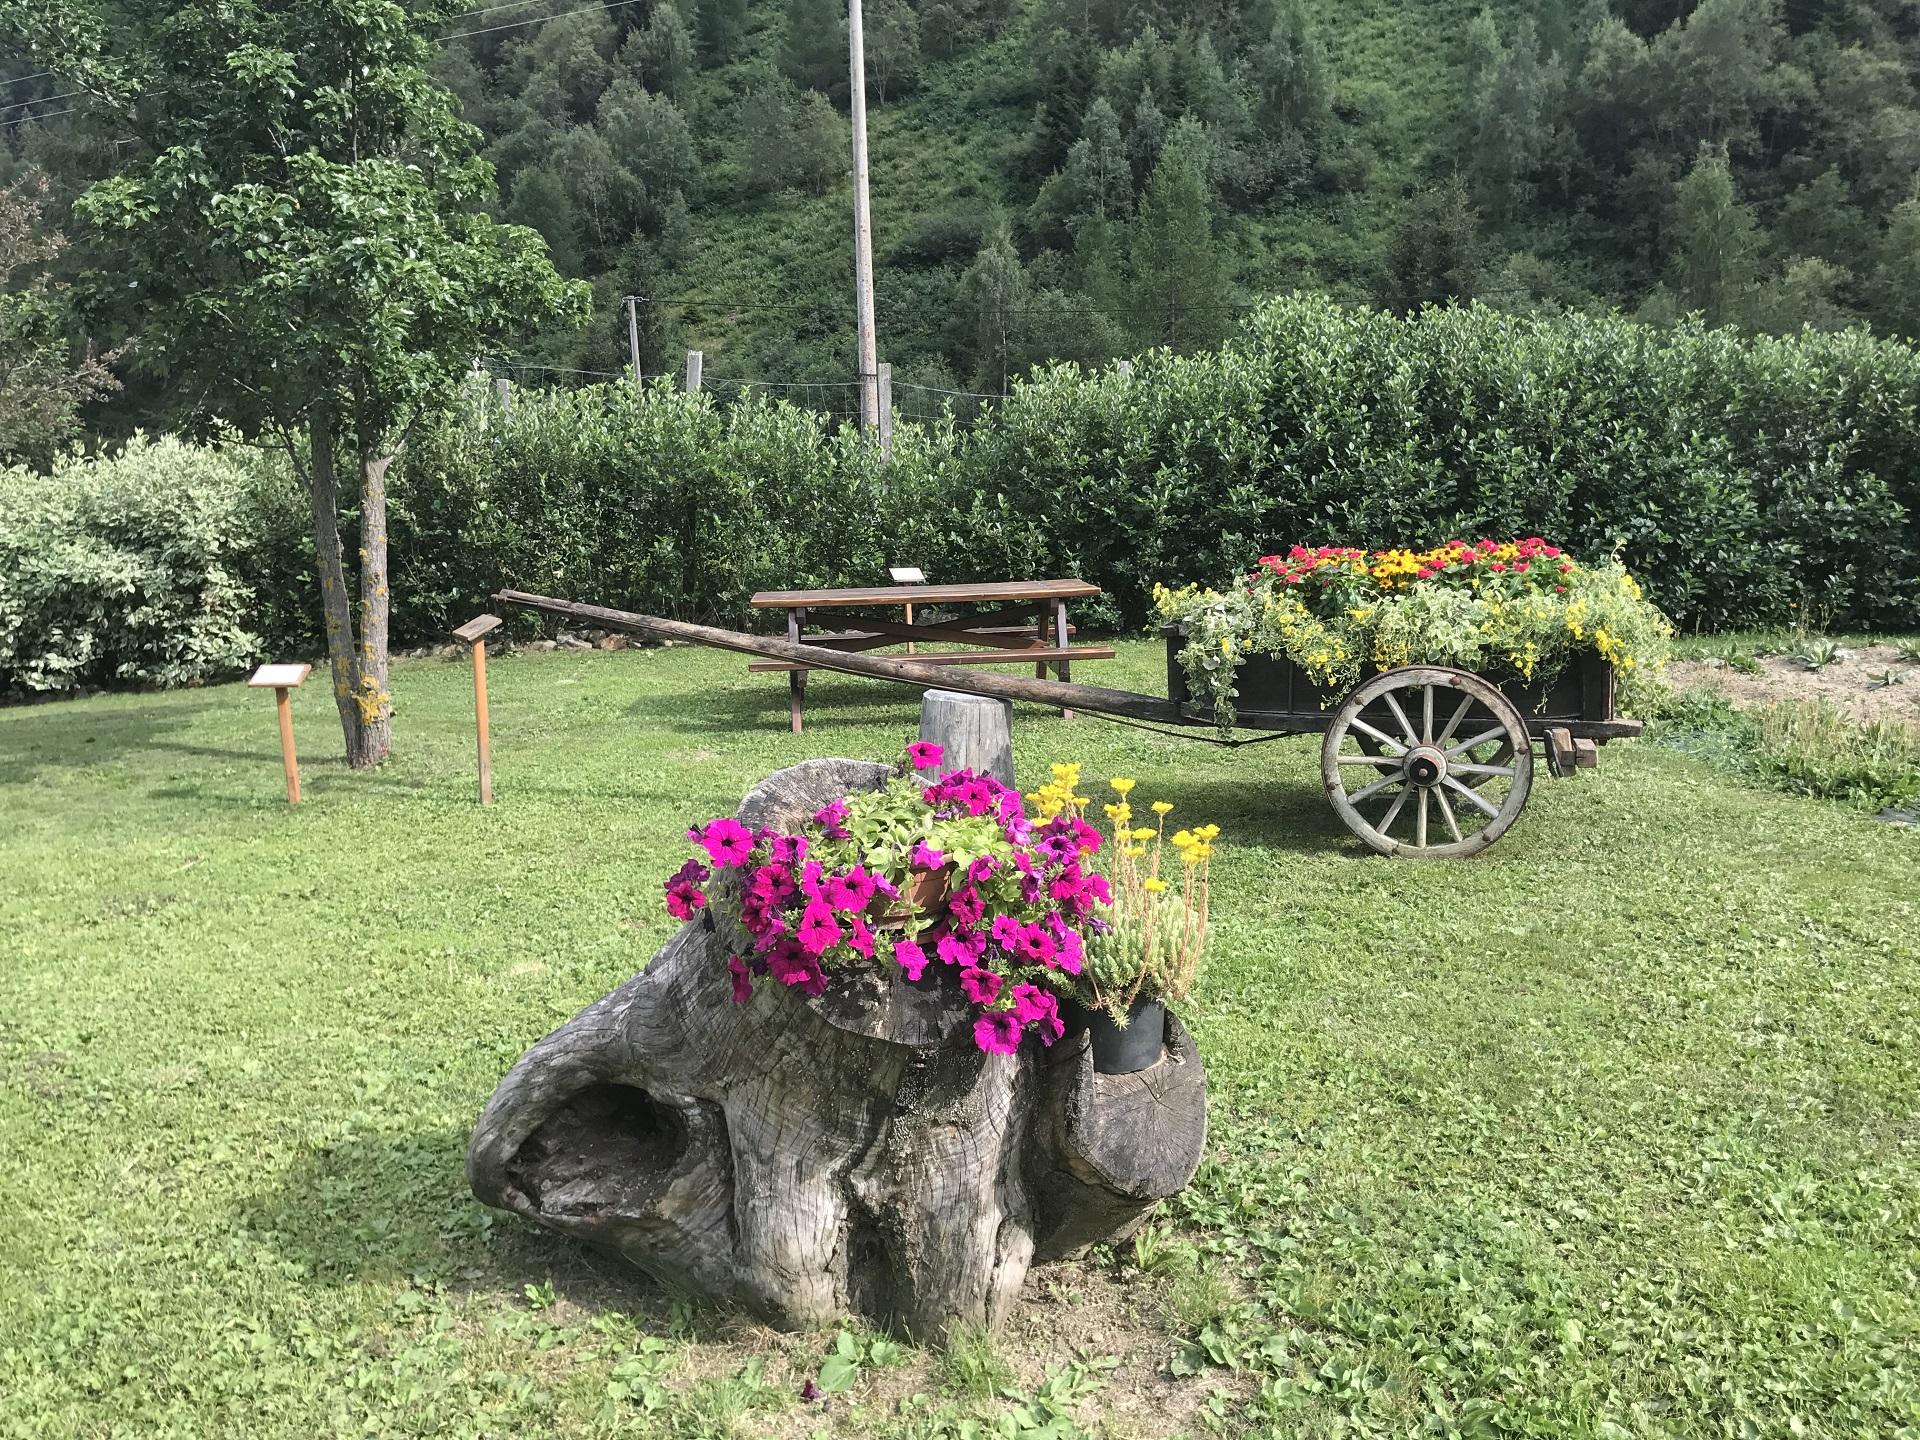 Malva Piante Officinali coltivazione Peio Valdisole Trentino - Olga Casanova